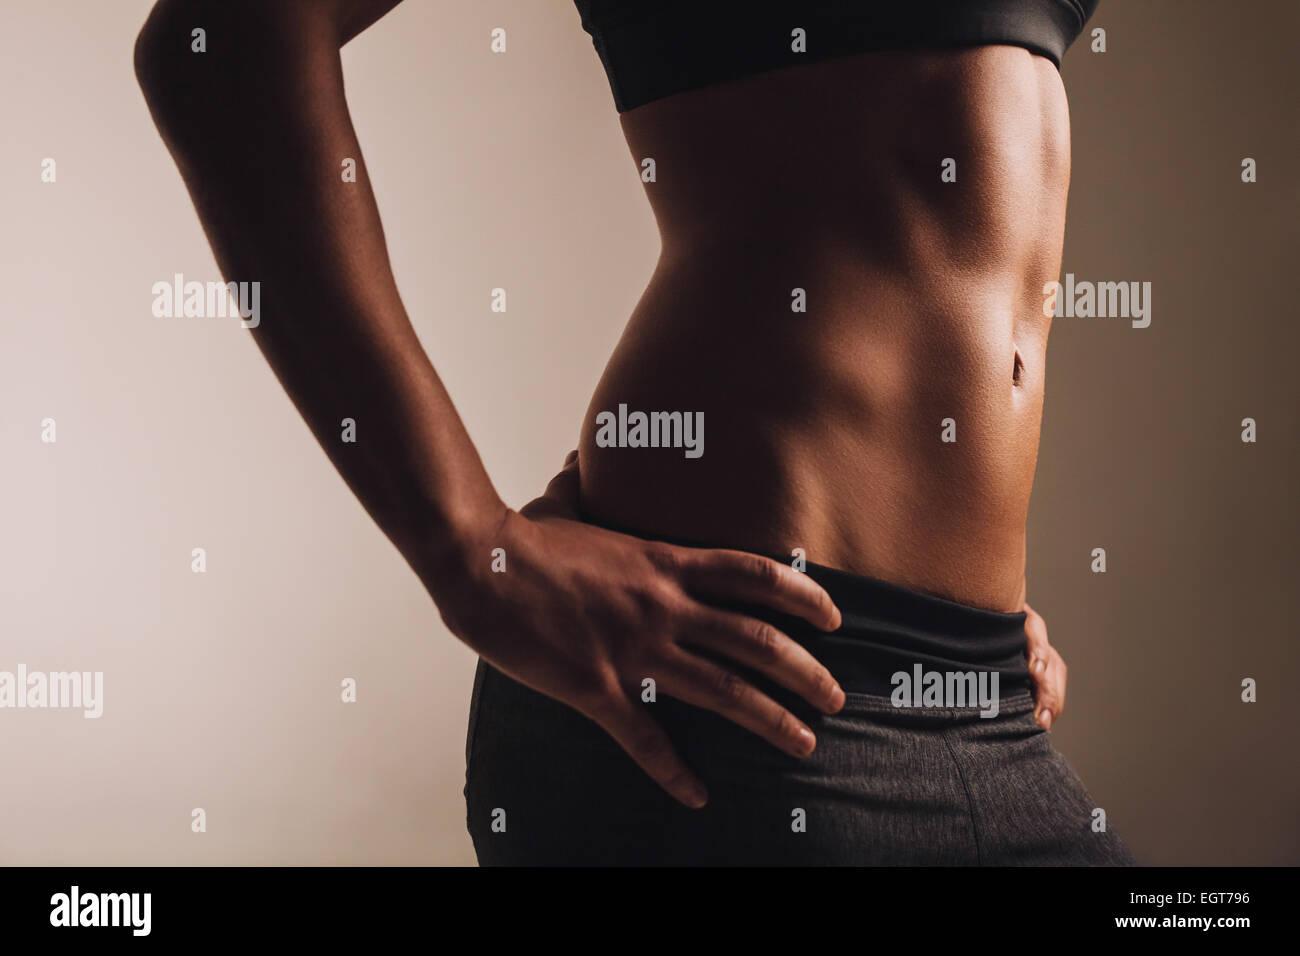 Primer plano de la joven con la cintura muscular de los músculos abdominales. Abs de colocar la atleta femenina. Foto de stock